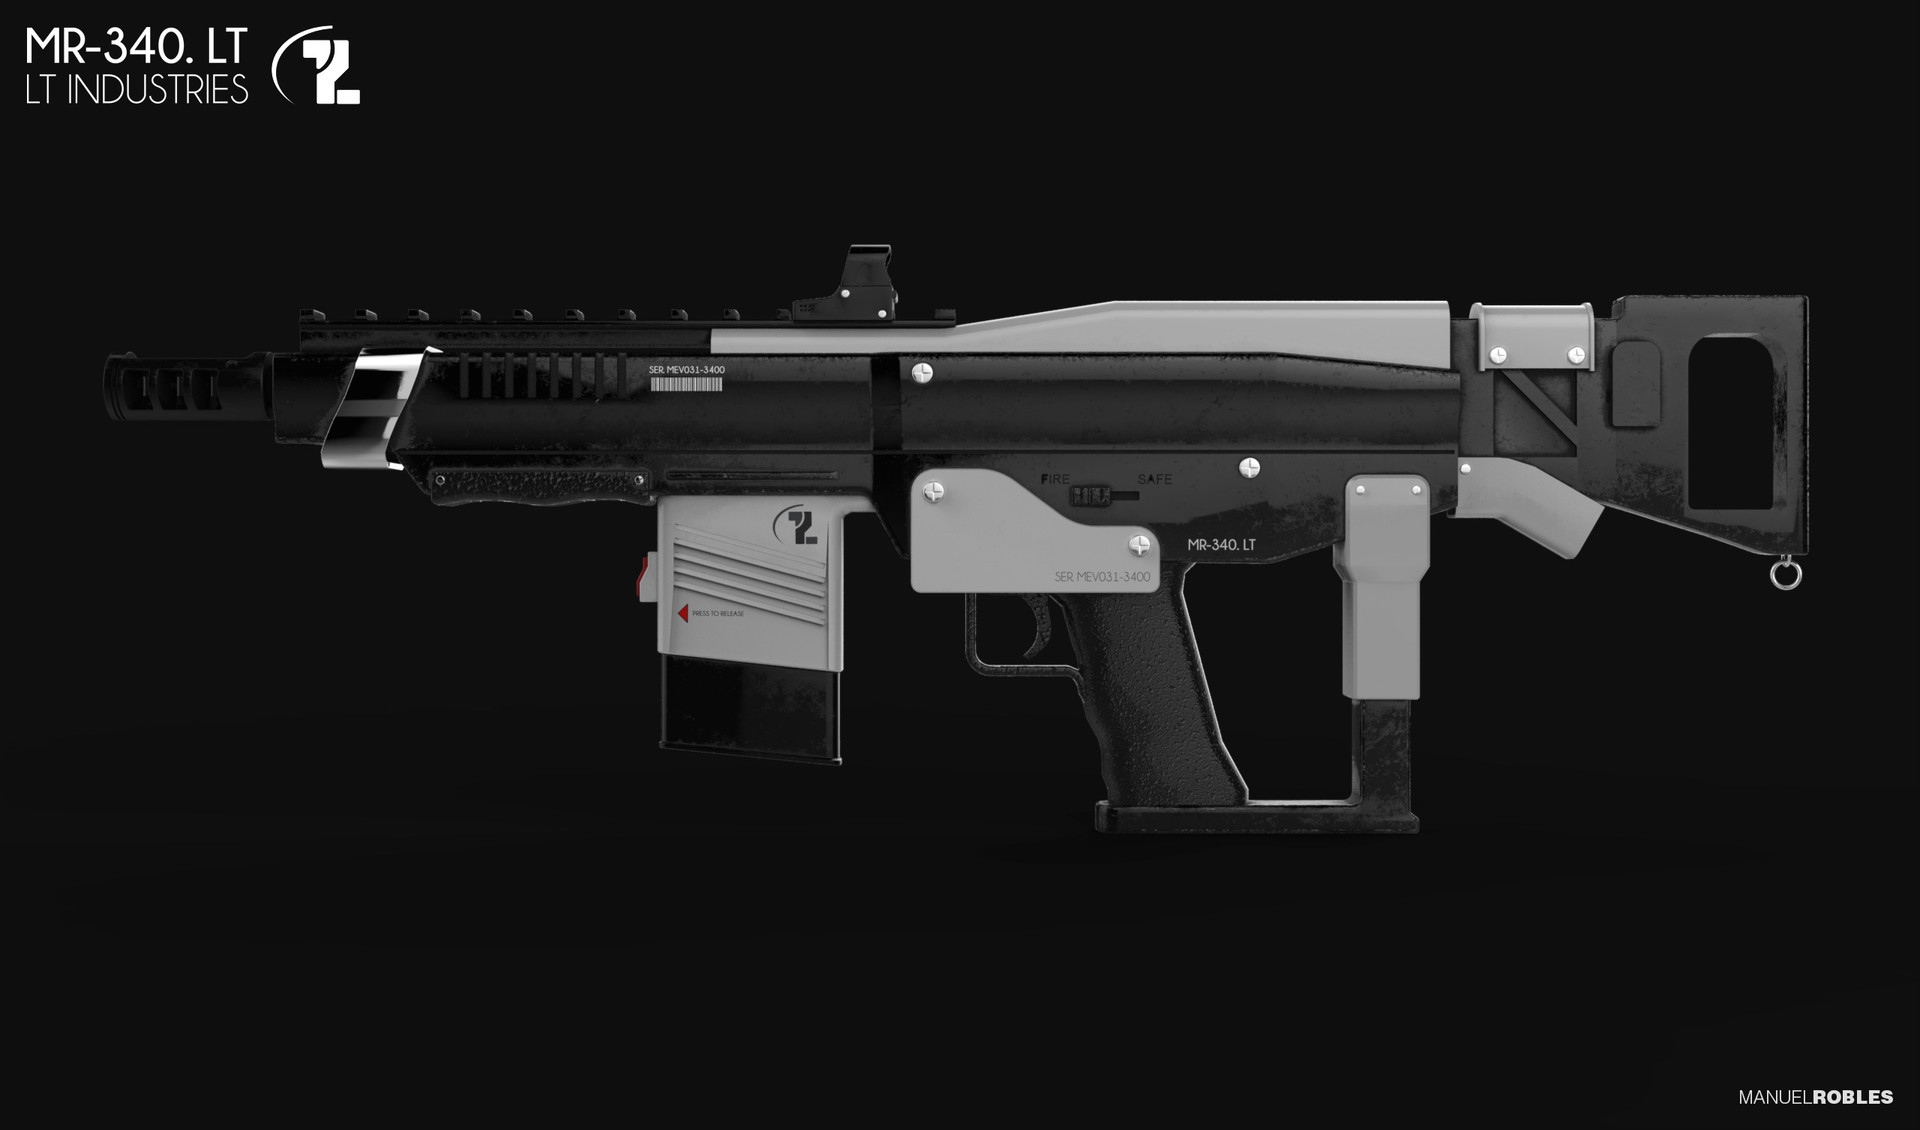 Manuel robles gun2 labels v03